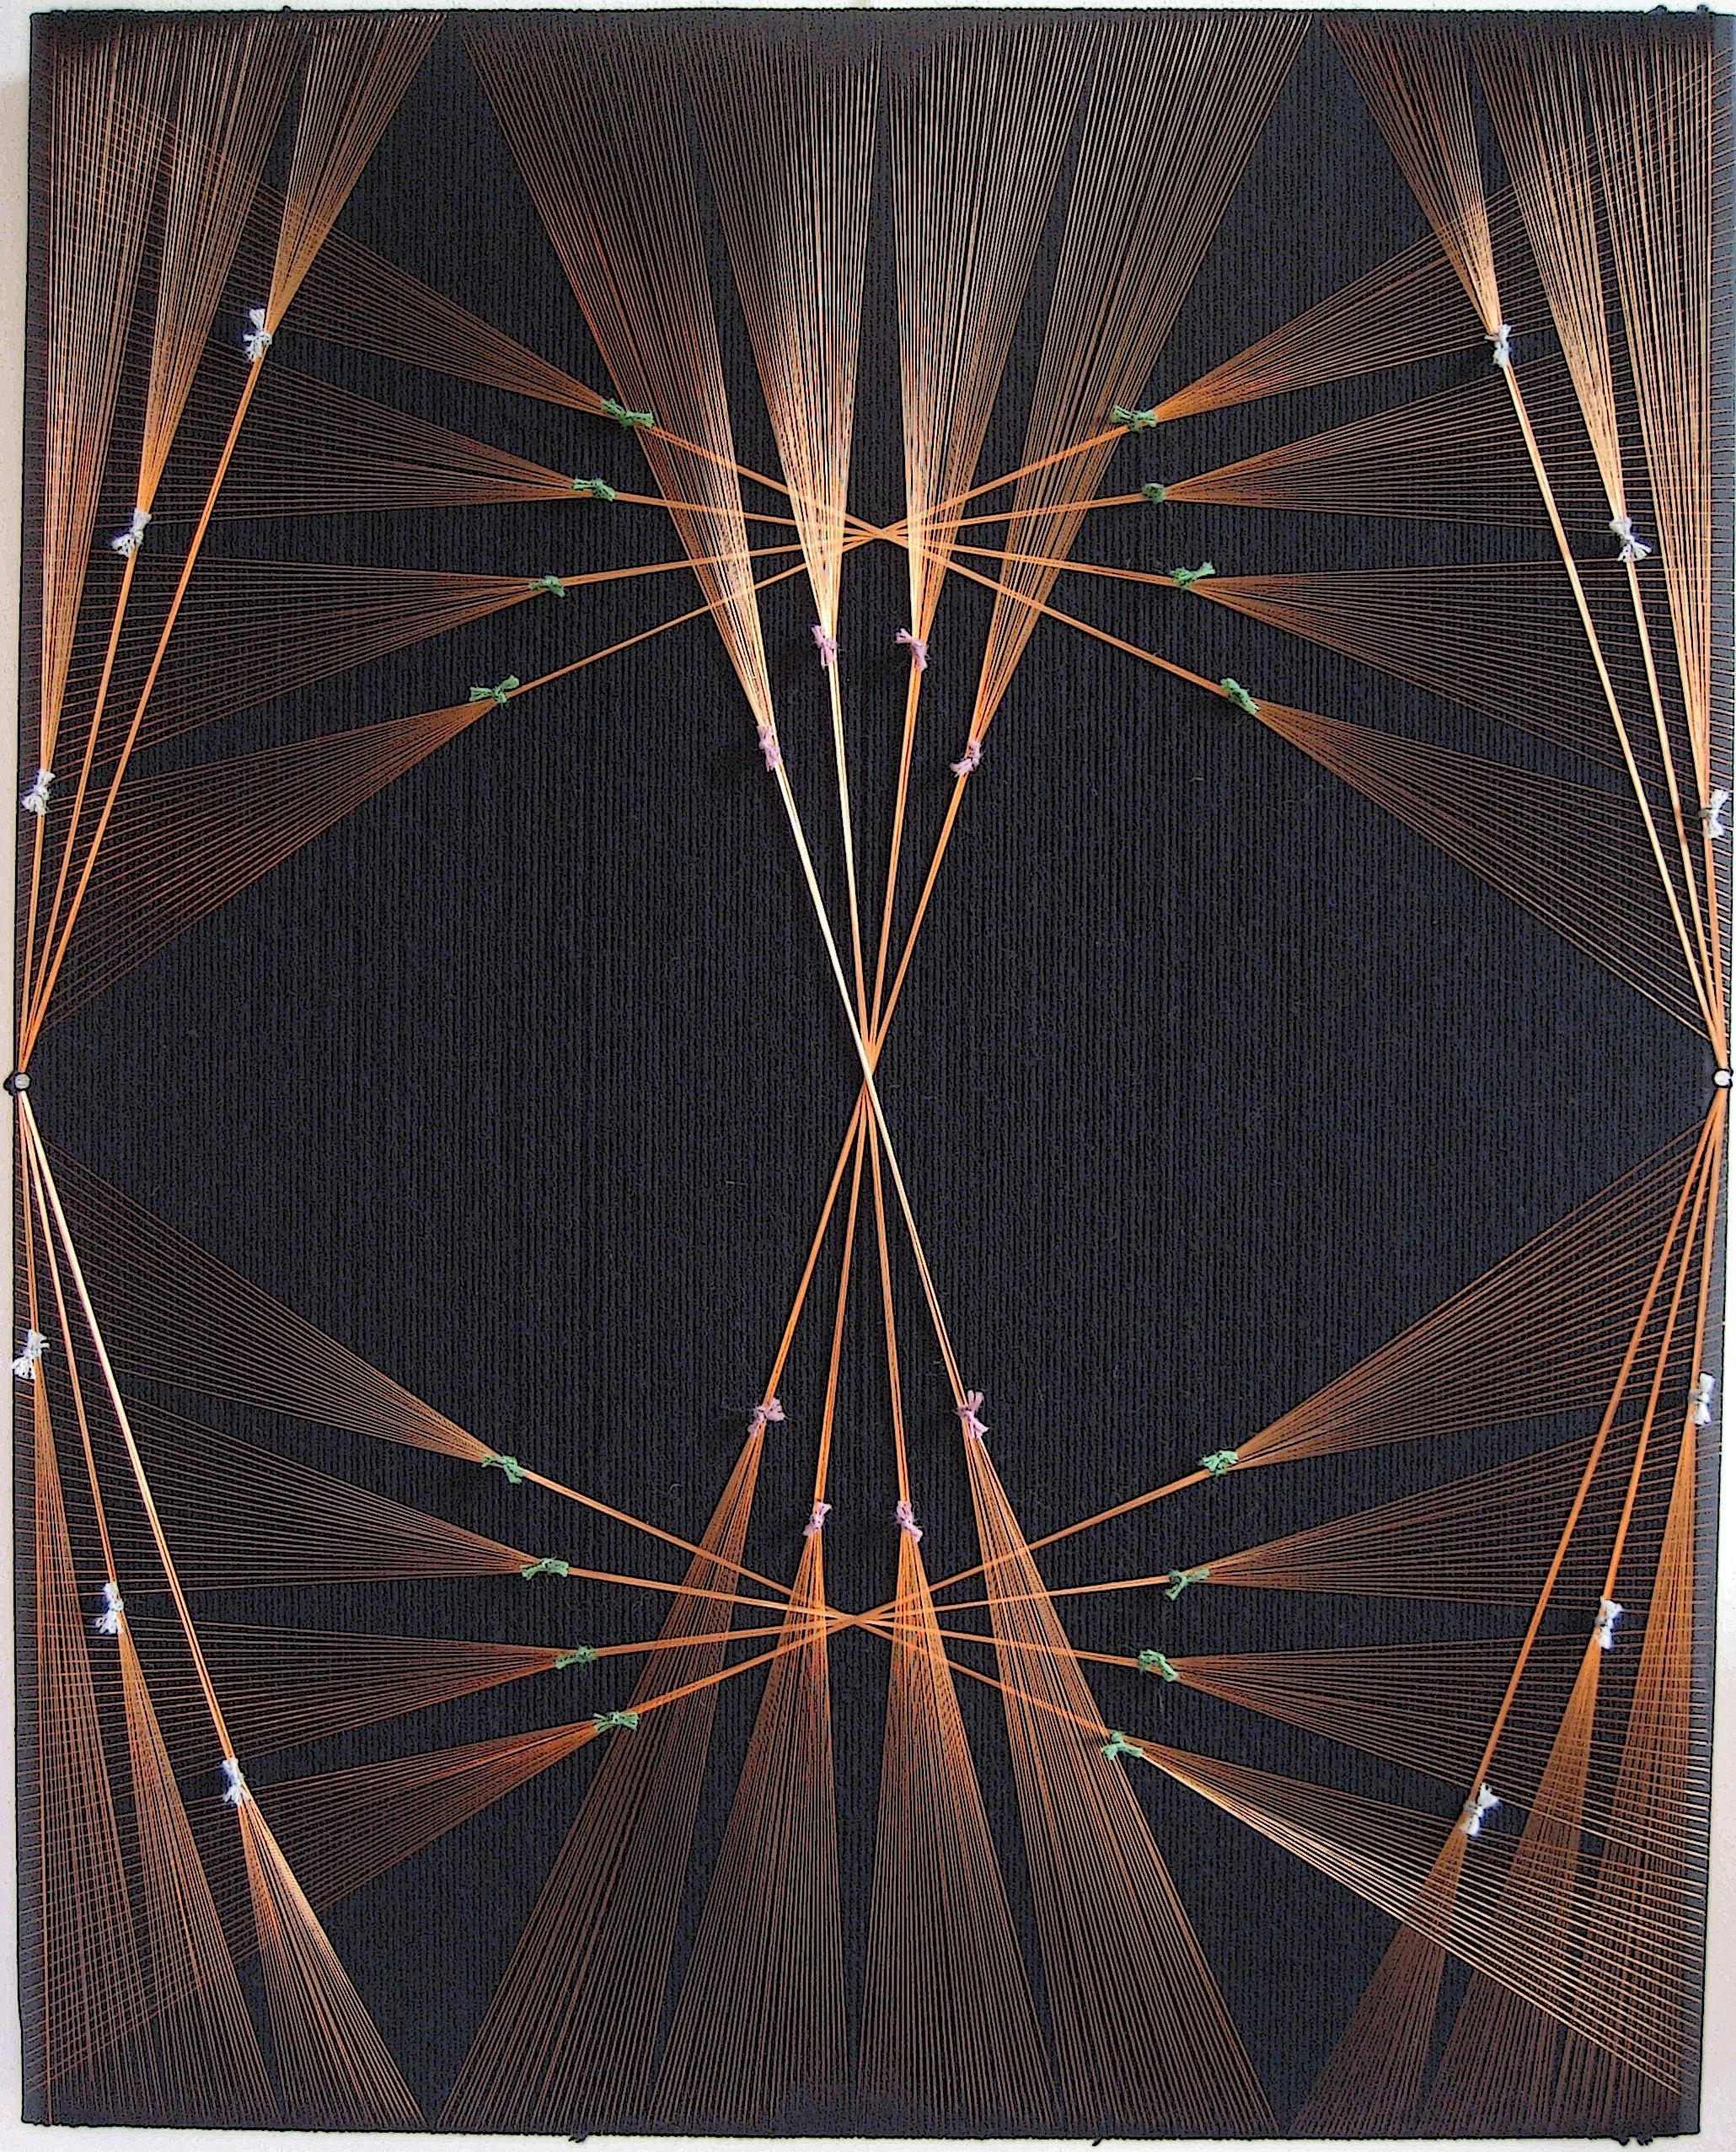 lightmosphere  2008  wool, copper  39 x 31 in.